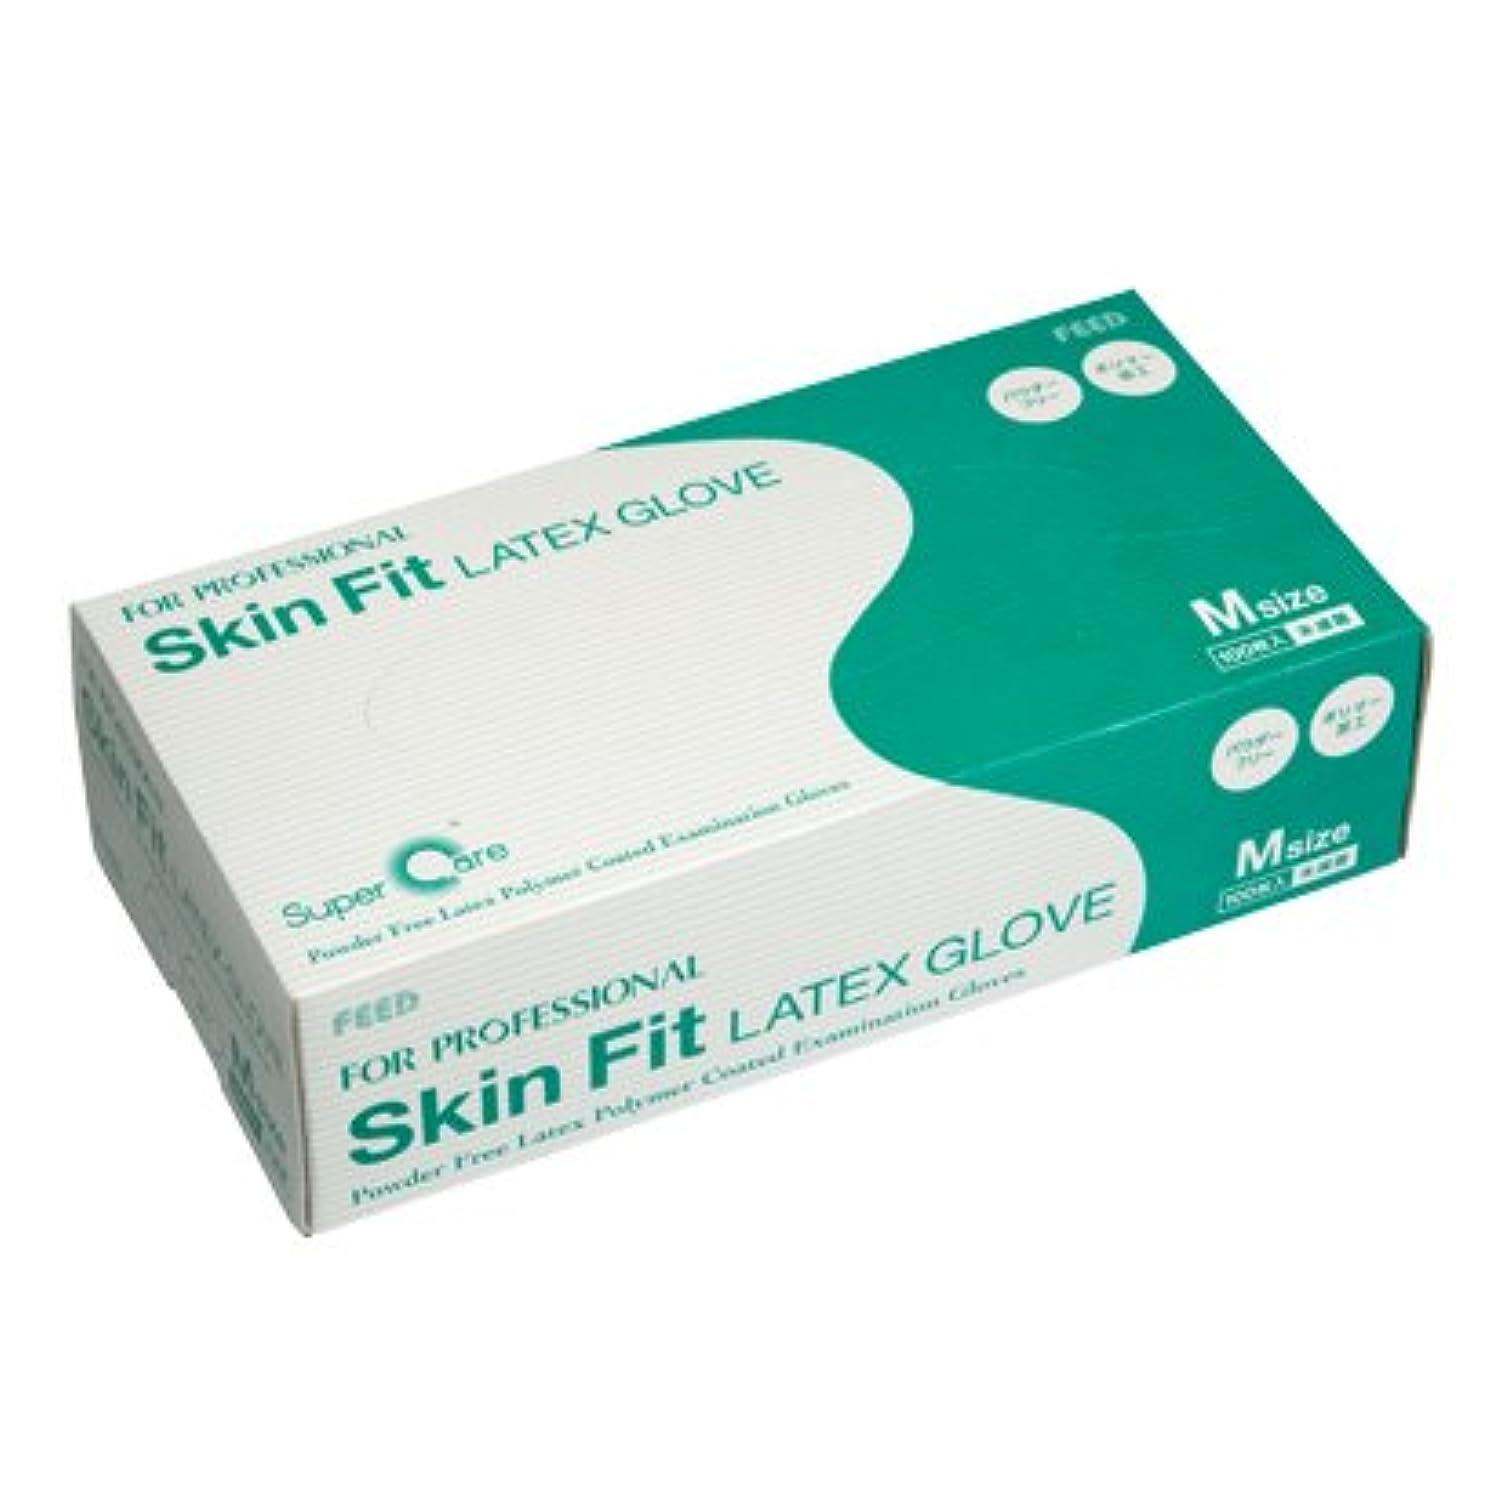 ボイラー紛争トロピカルFEED(フィード) Skin Fit ラテックスグローブ パウダーフリー ポリマー加工 M カートン(100枚入×10ケース) (医療機器)